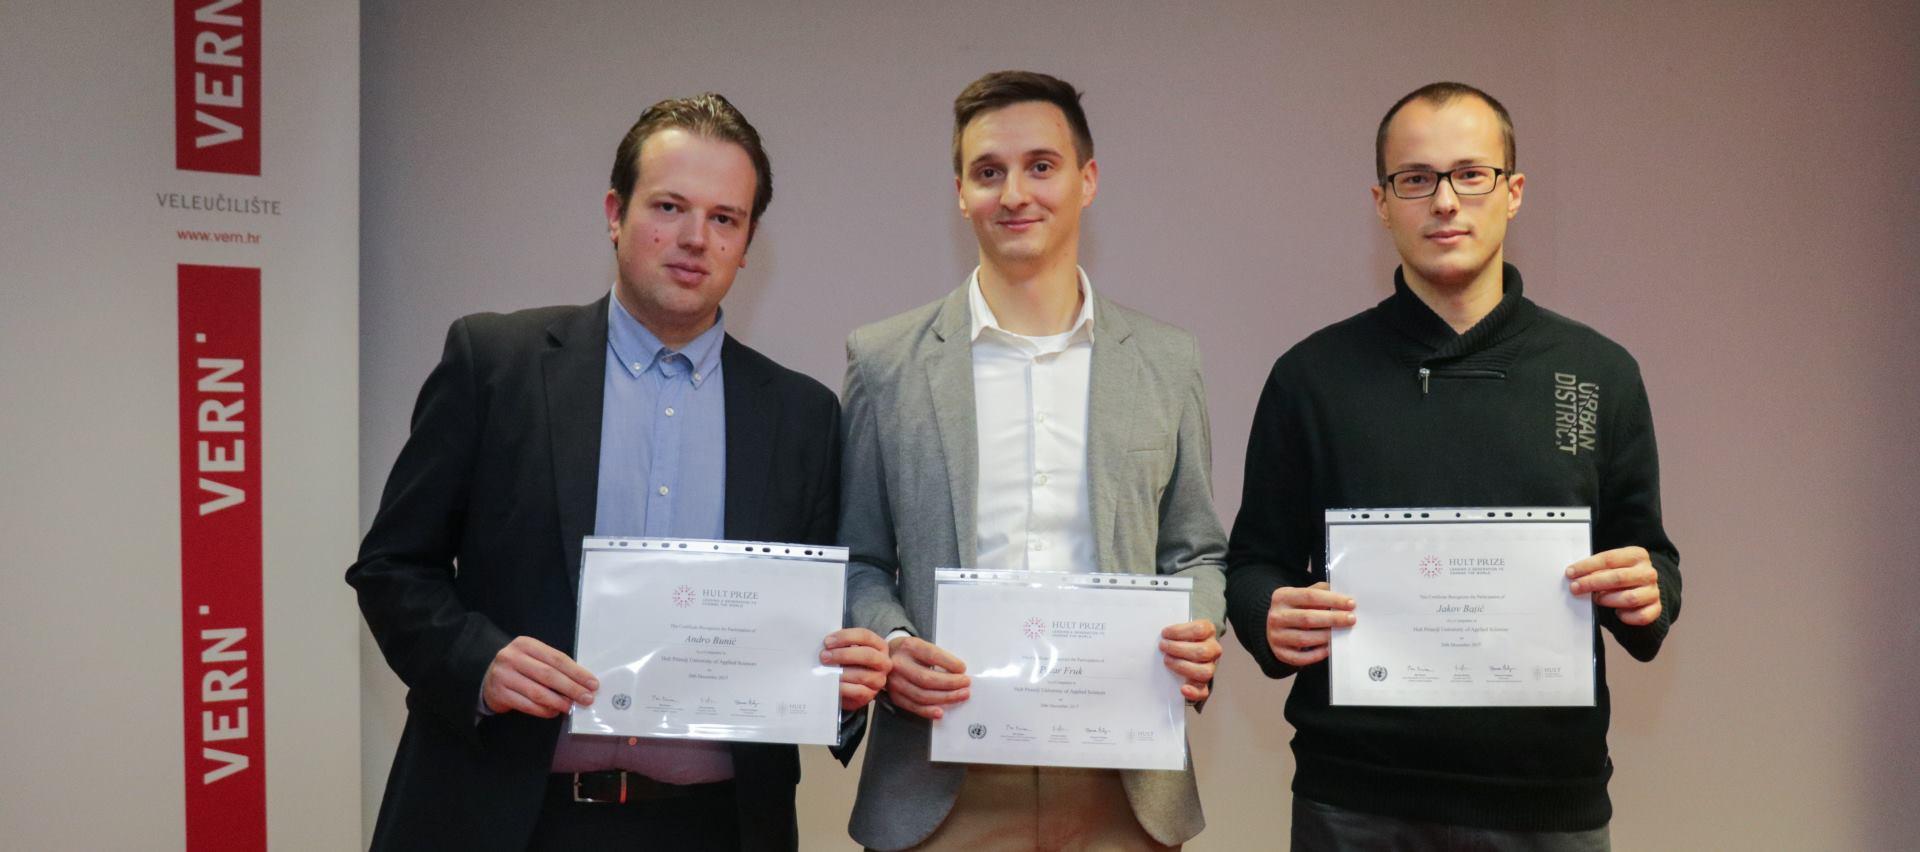 HULT PRIZE 2018 Studentskih tim Veleučilišta VERN' kreće na regionalno finale natjecanja